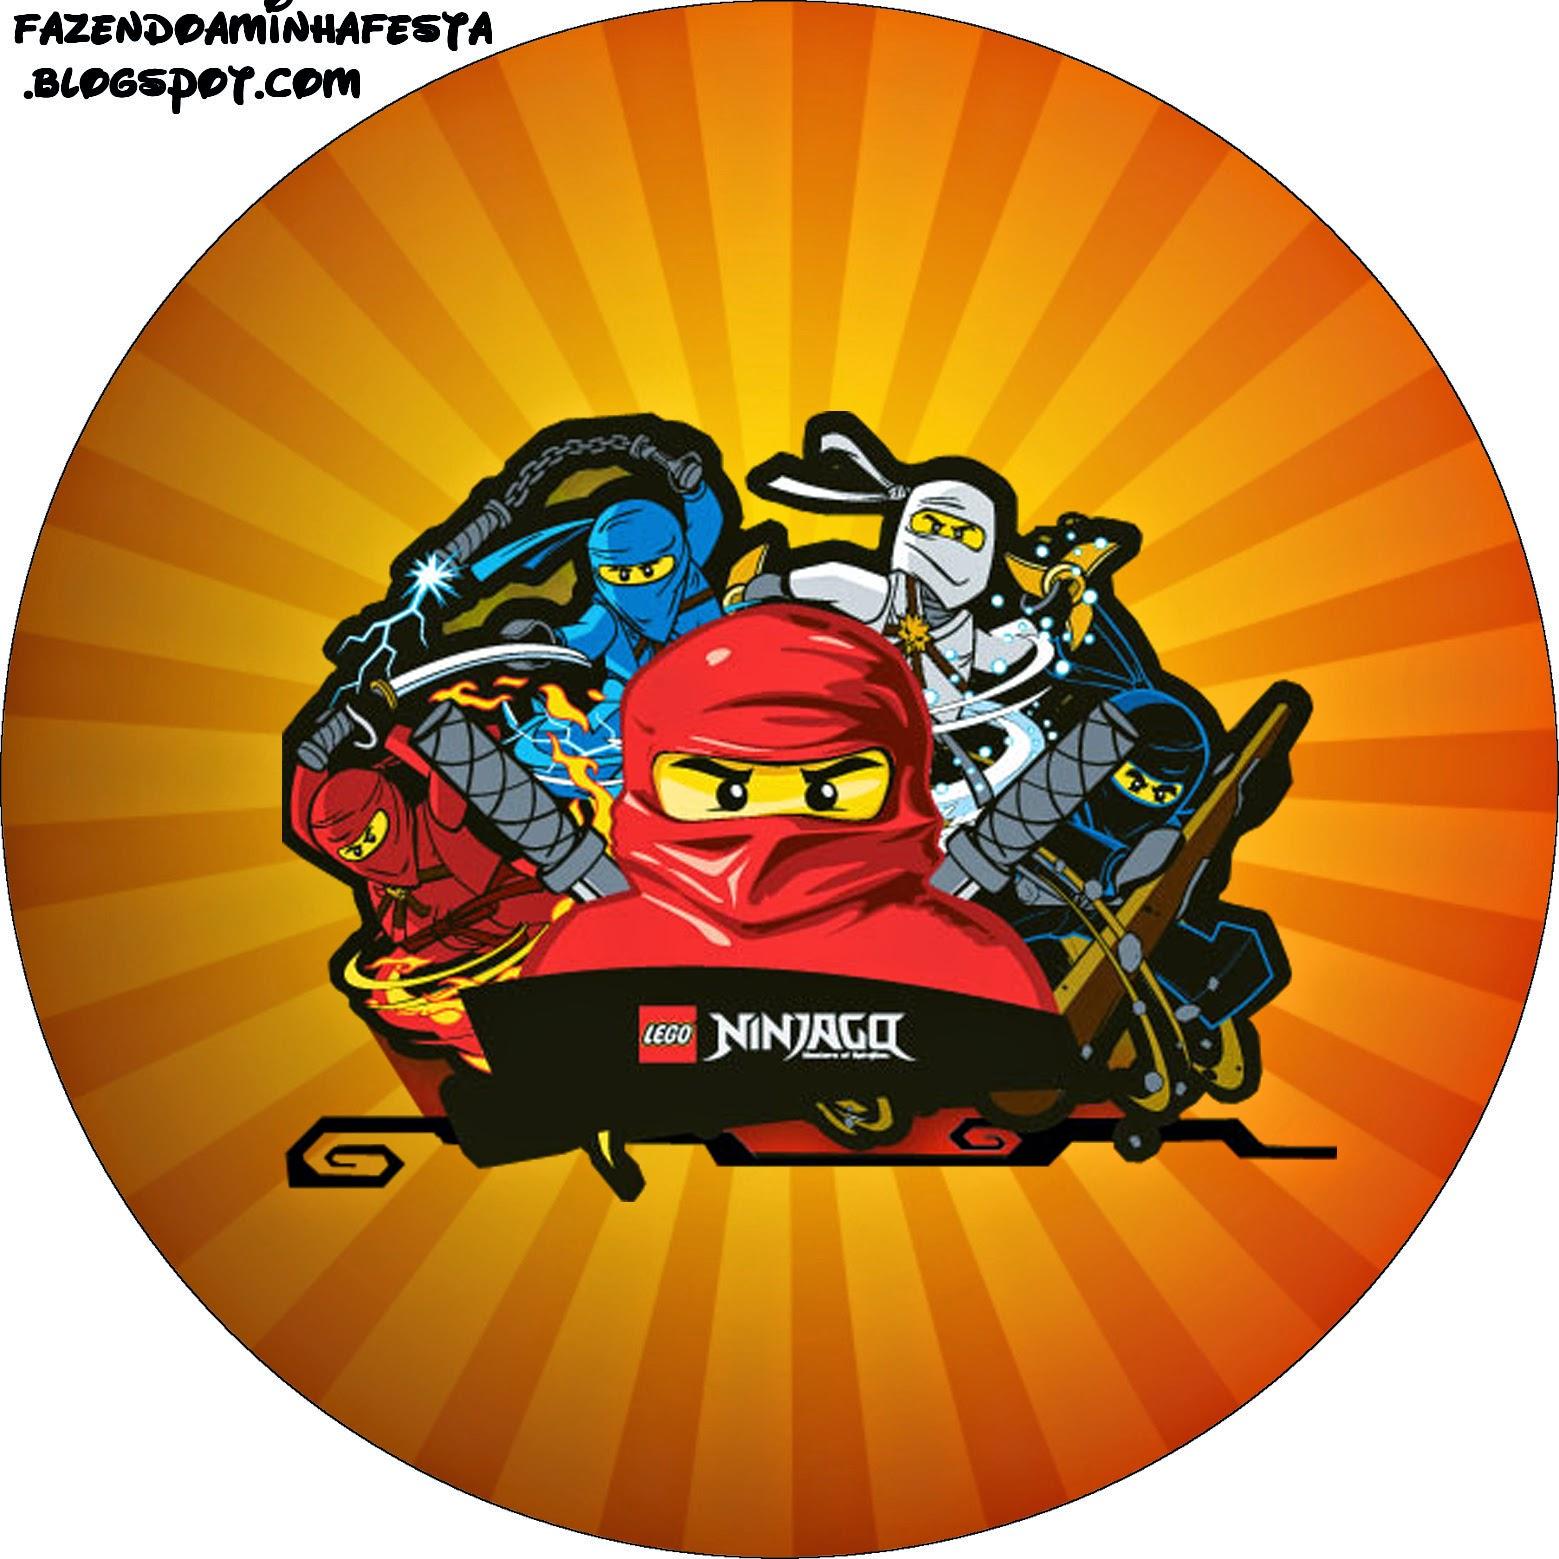 Toppers o etiquetas de Ninjago para imprimir gratis.